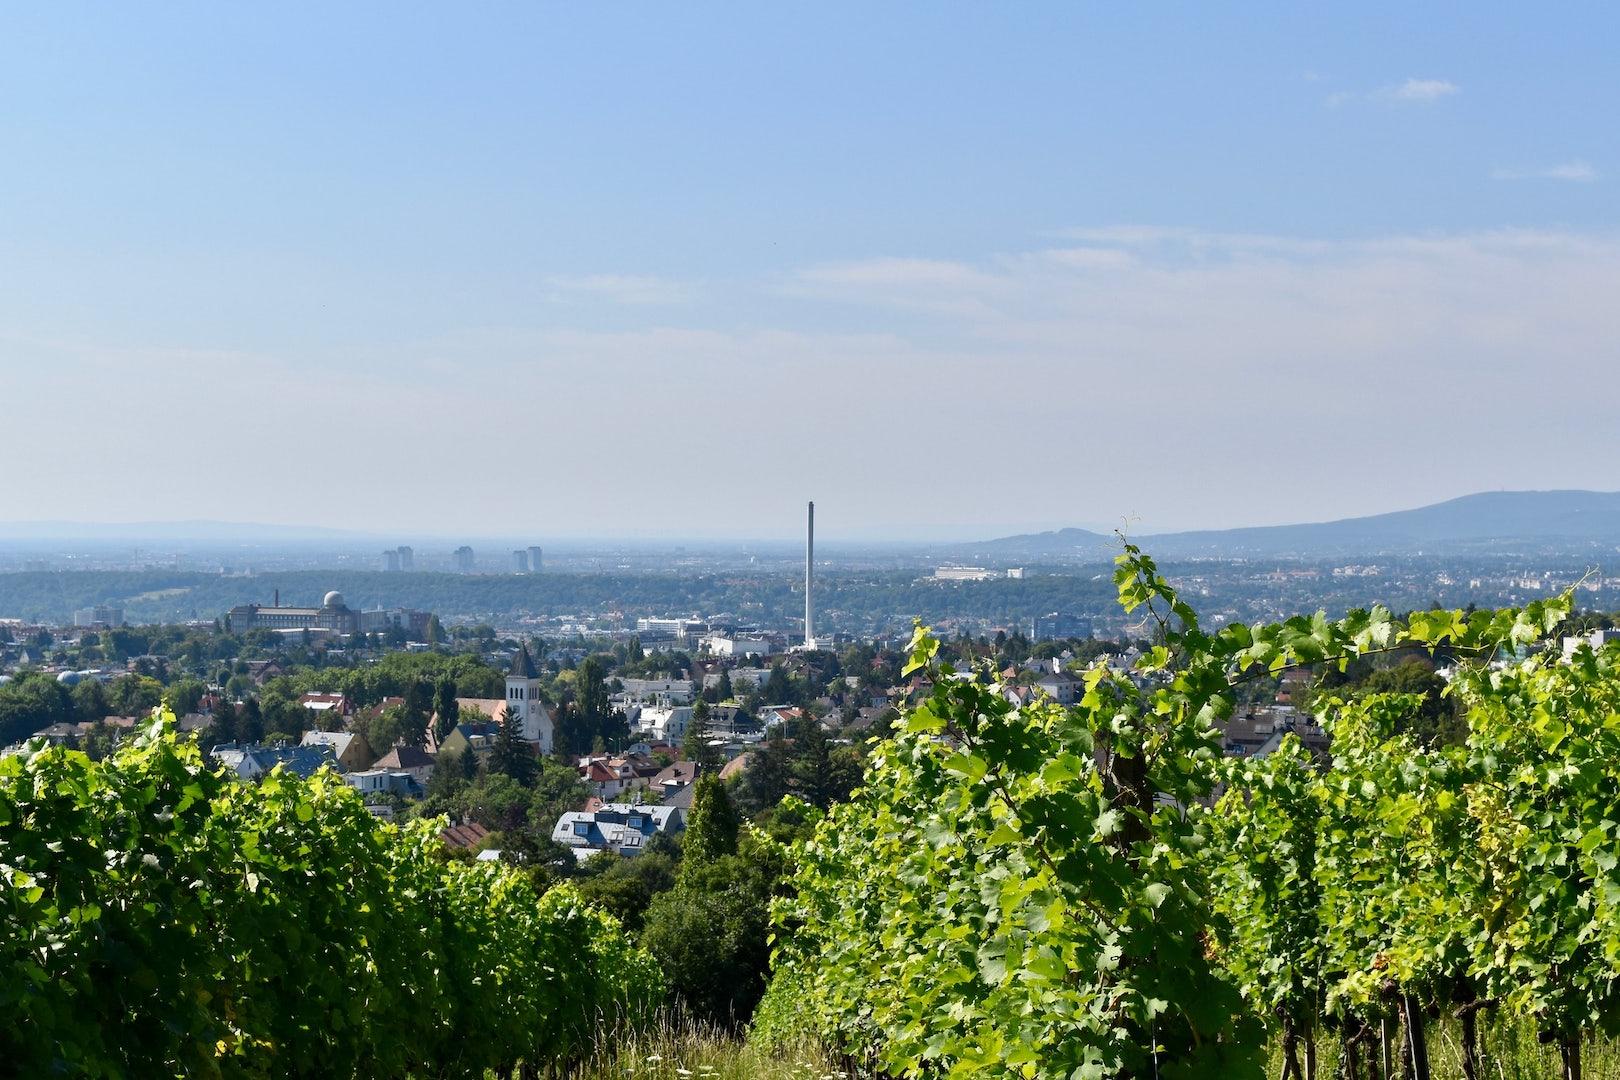 view over Vienna from the Wilhelminenberg